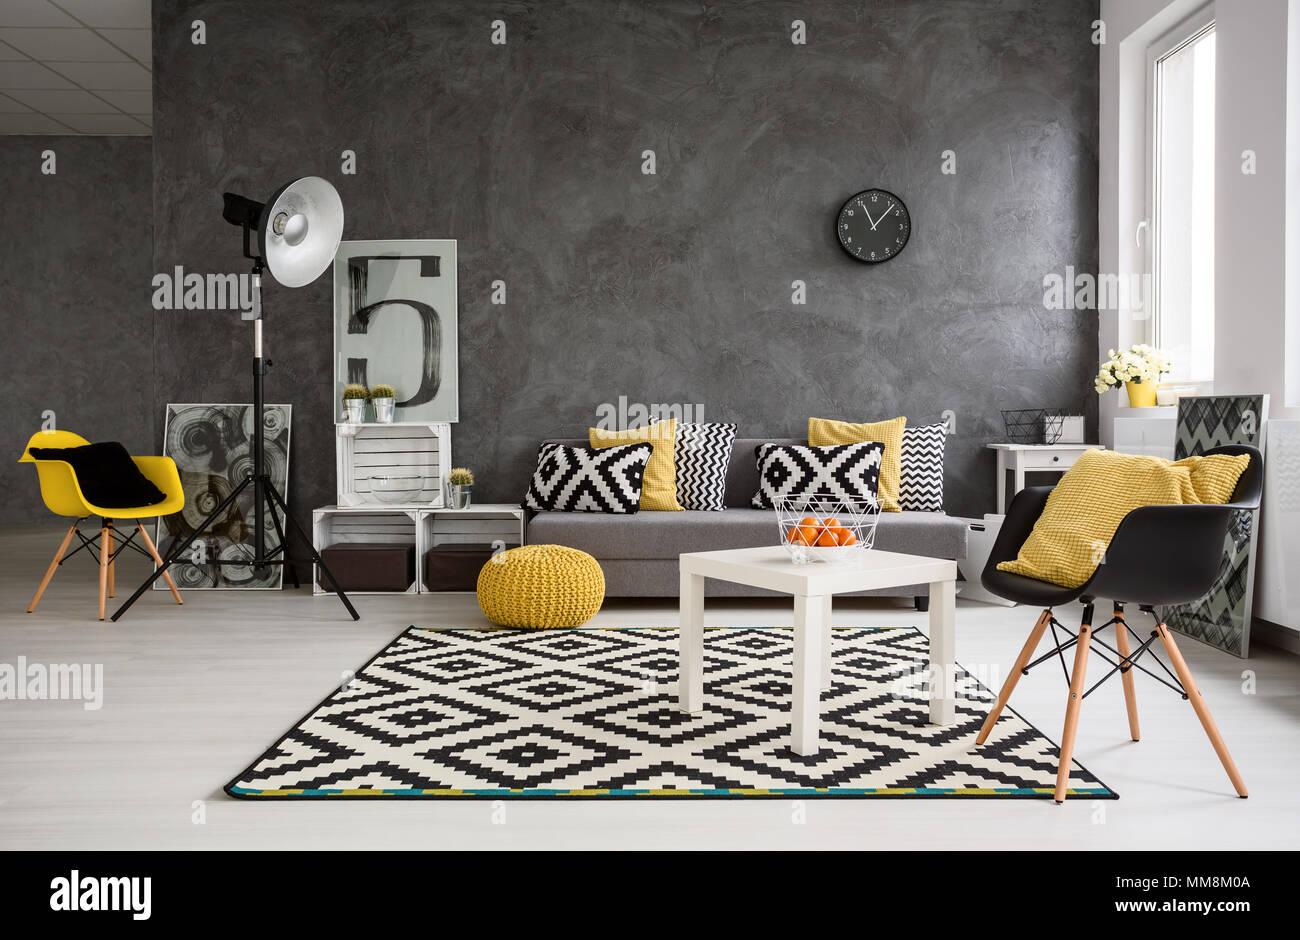 Pareti Soggiorno Grigio E Bianco : Elegante e spazioso soggiorno con pareti di colore grigio e nero